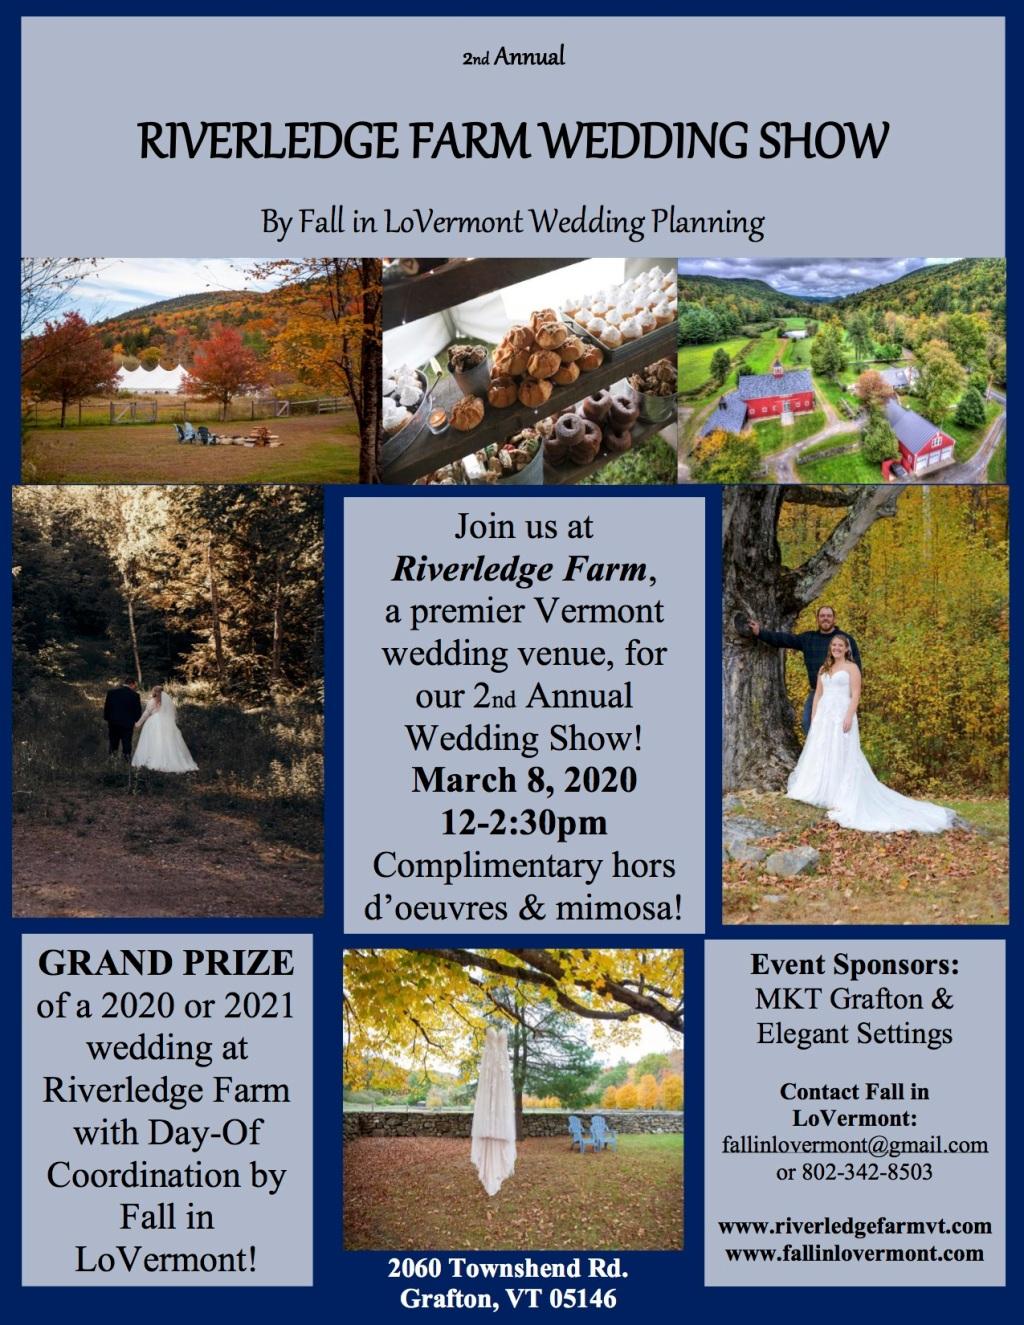 Riverledge Farm Wedding Show 2020